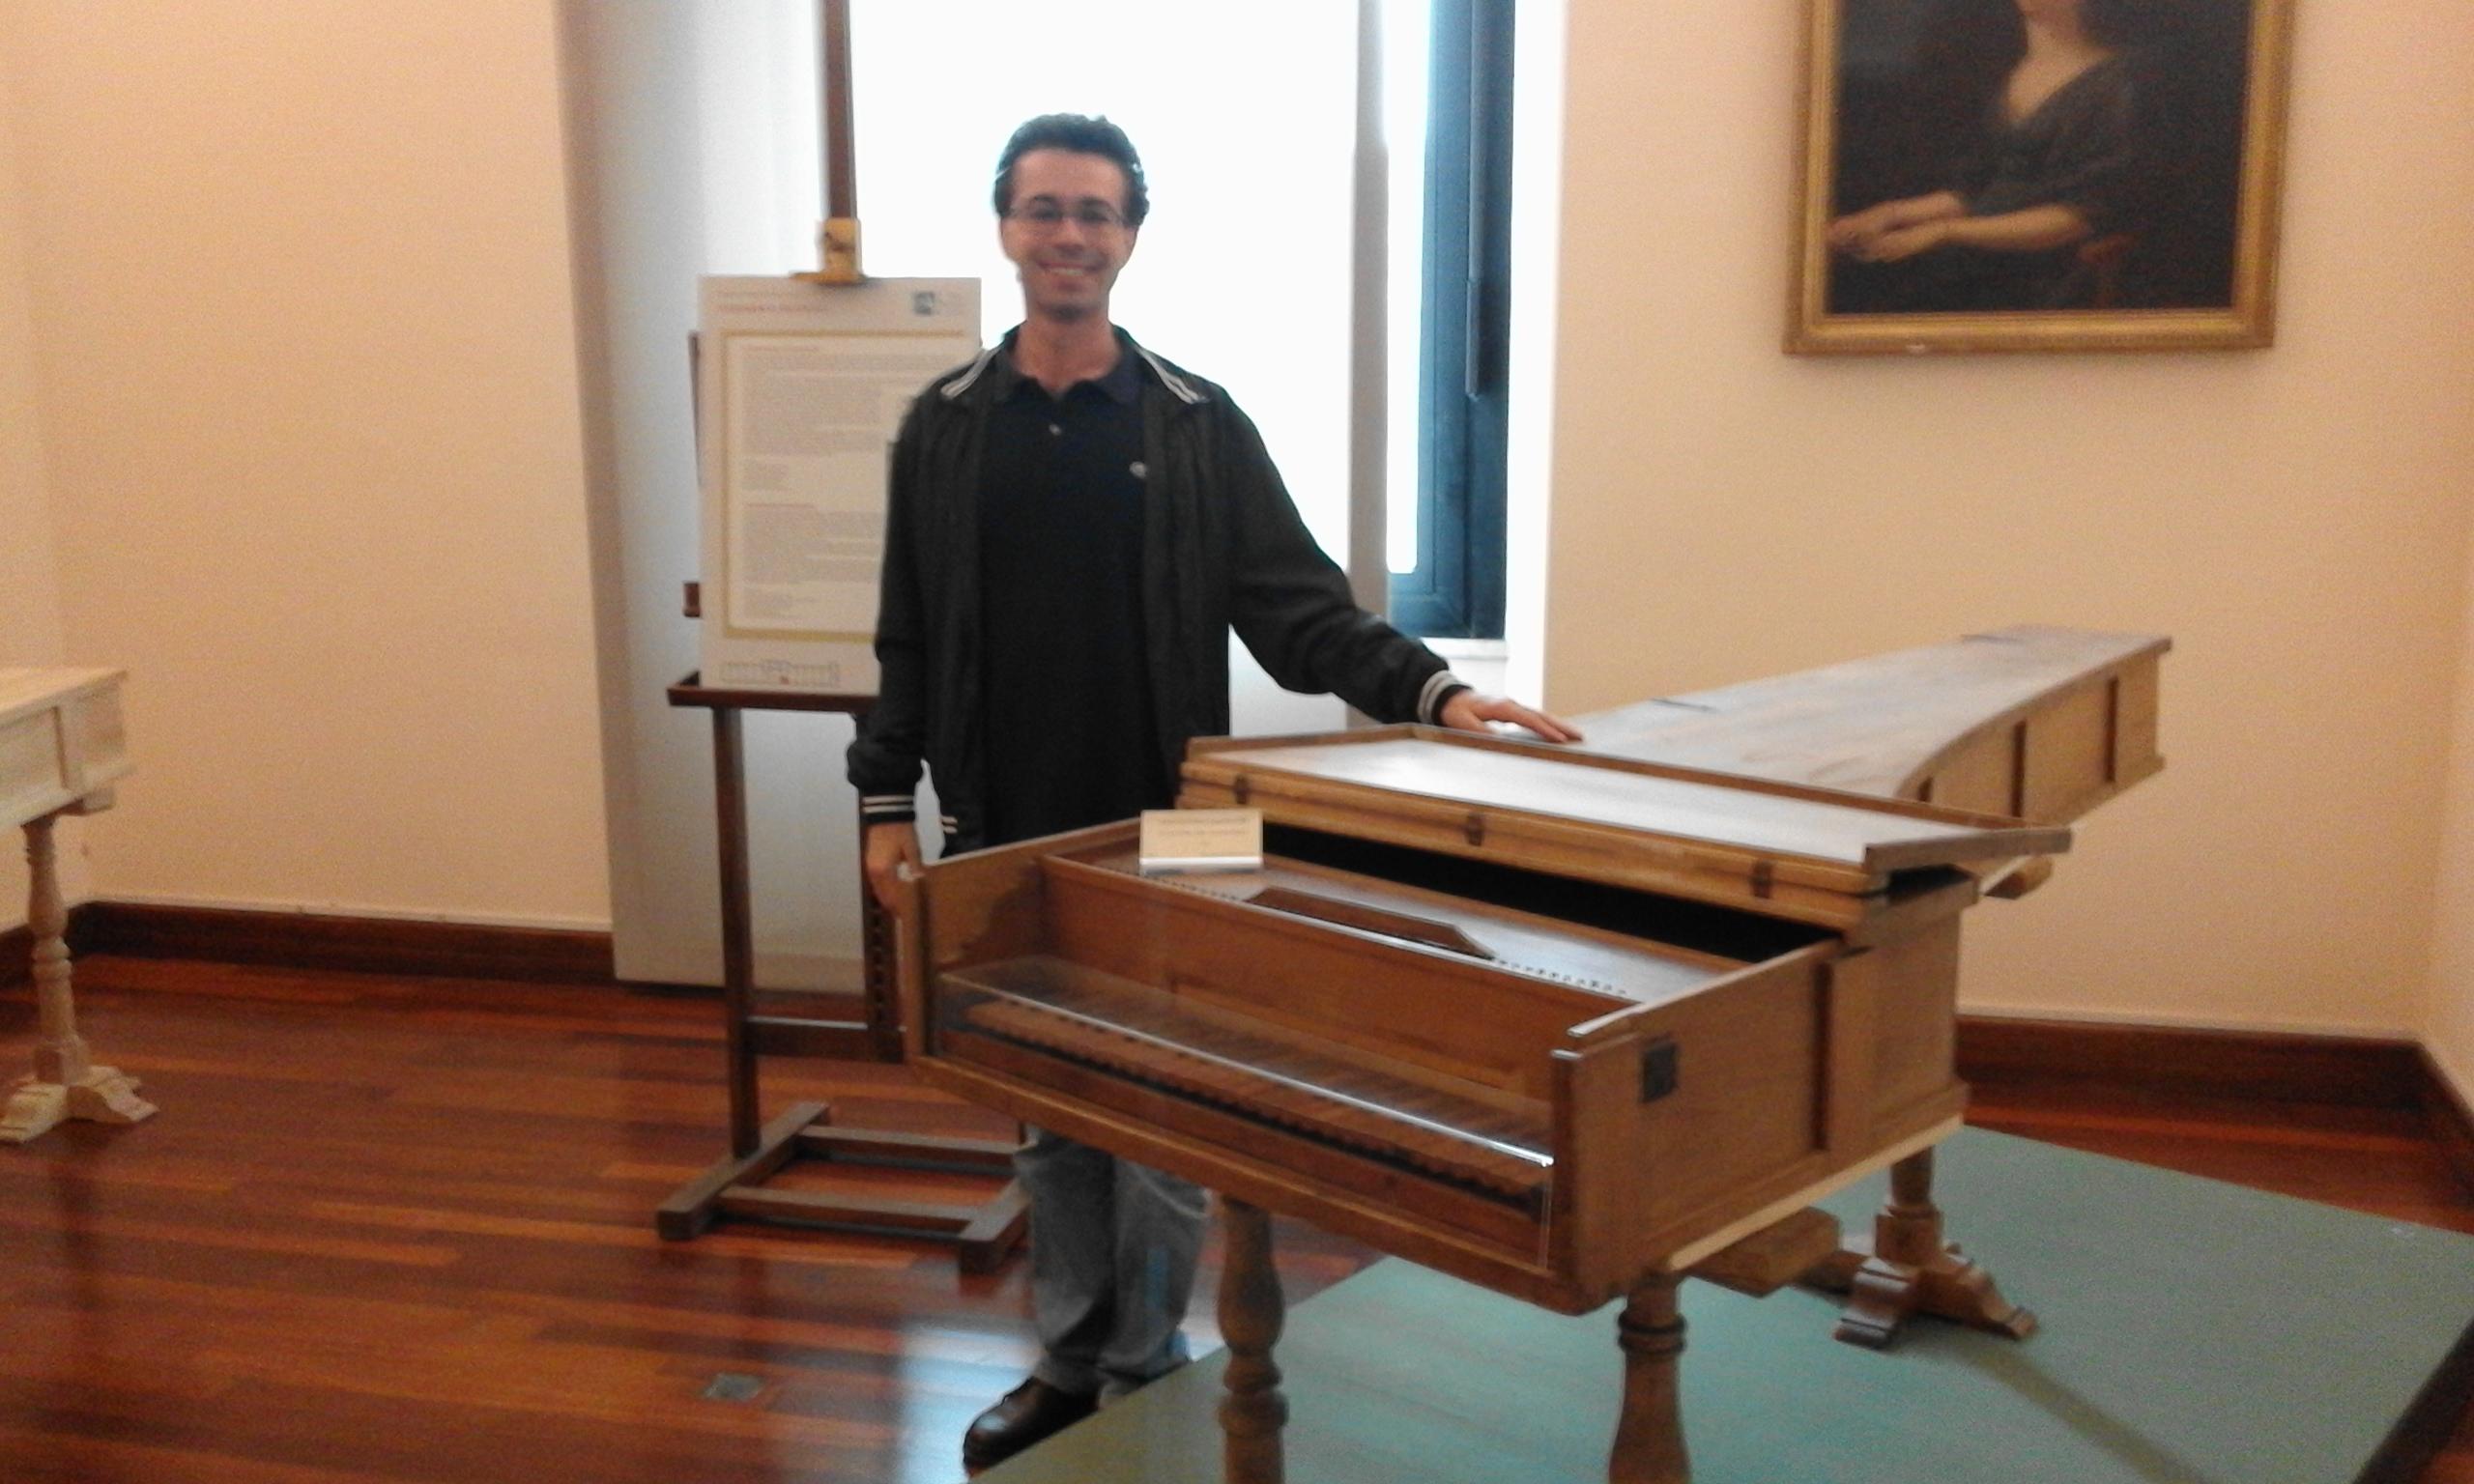 Форте Пиано 1722 Бартоломео Кристофори -Музей музыкальных инструментов в Риме - Адел гид в Риме